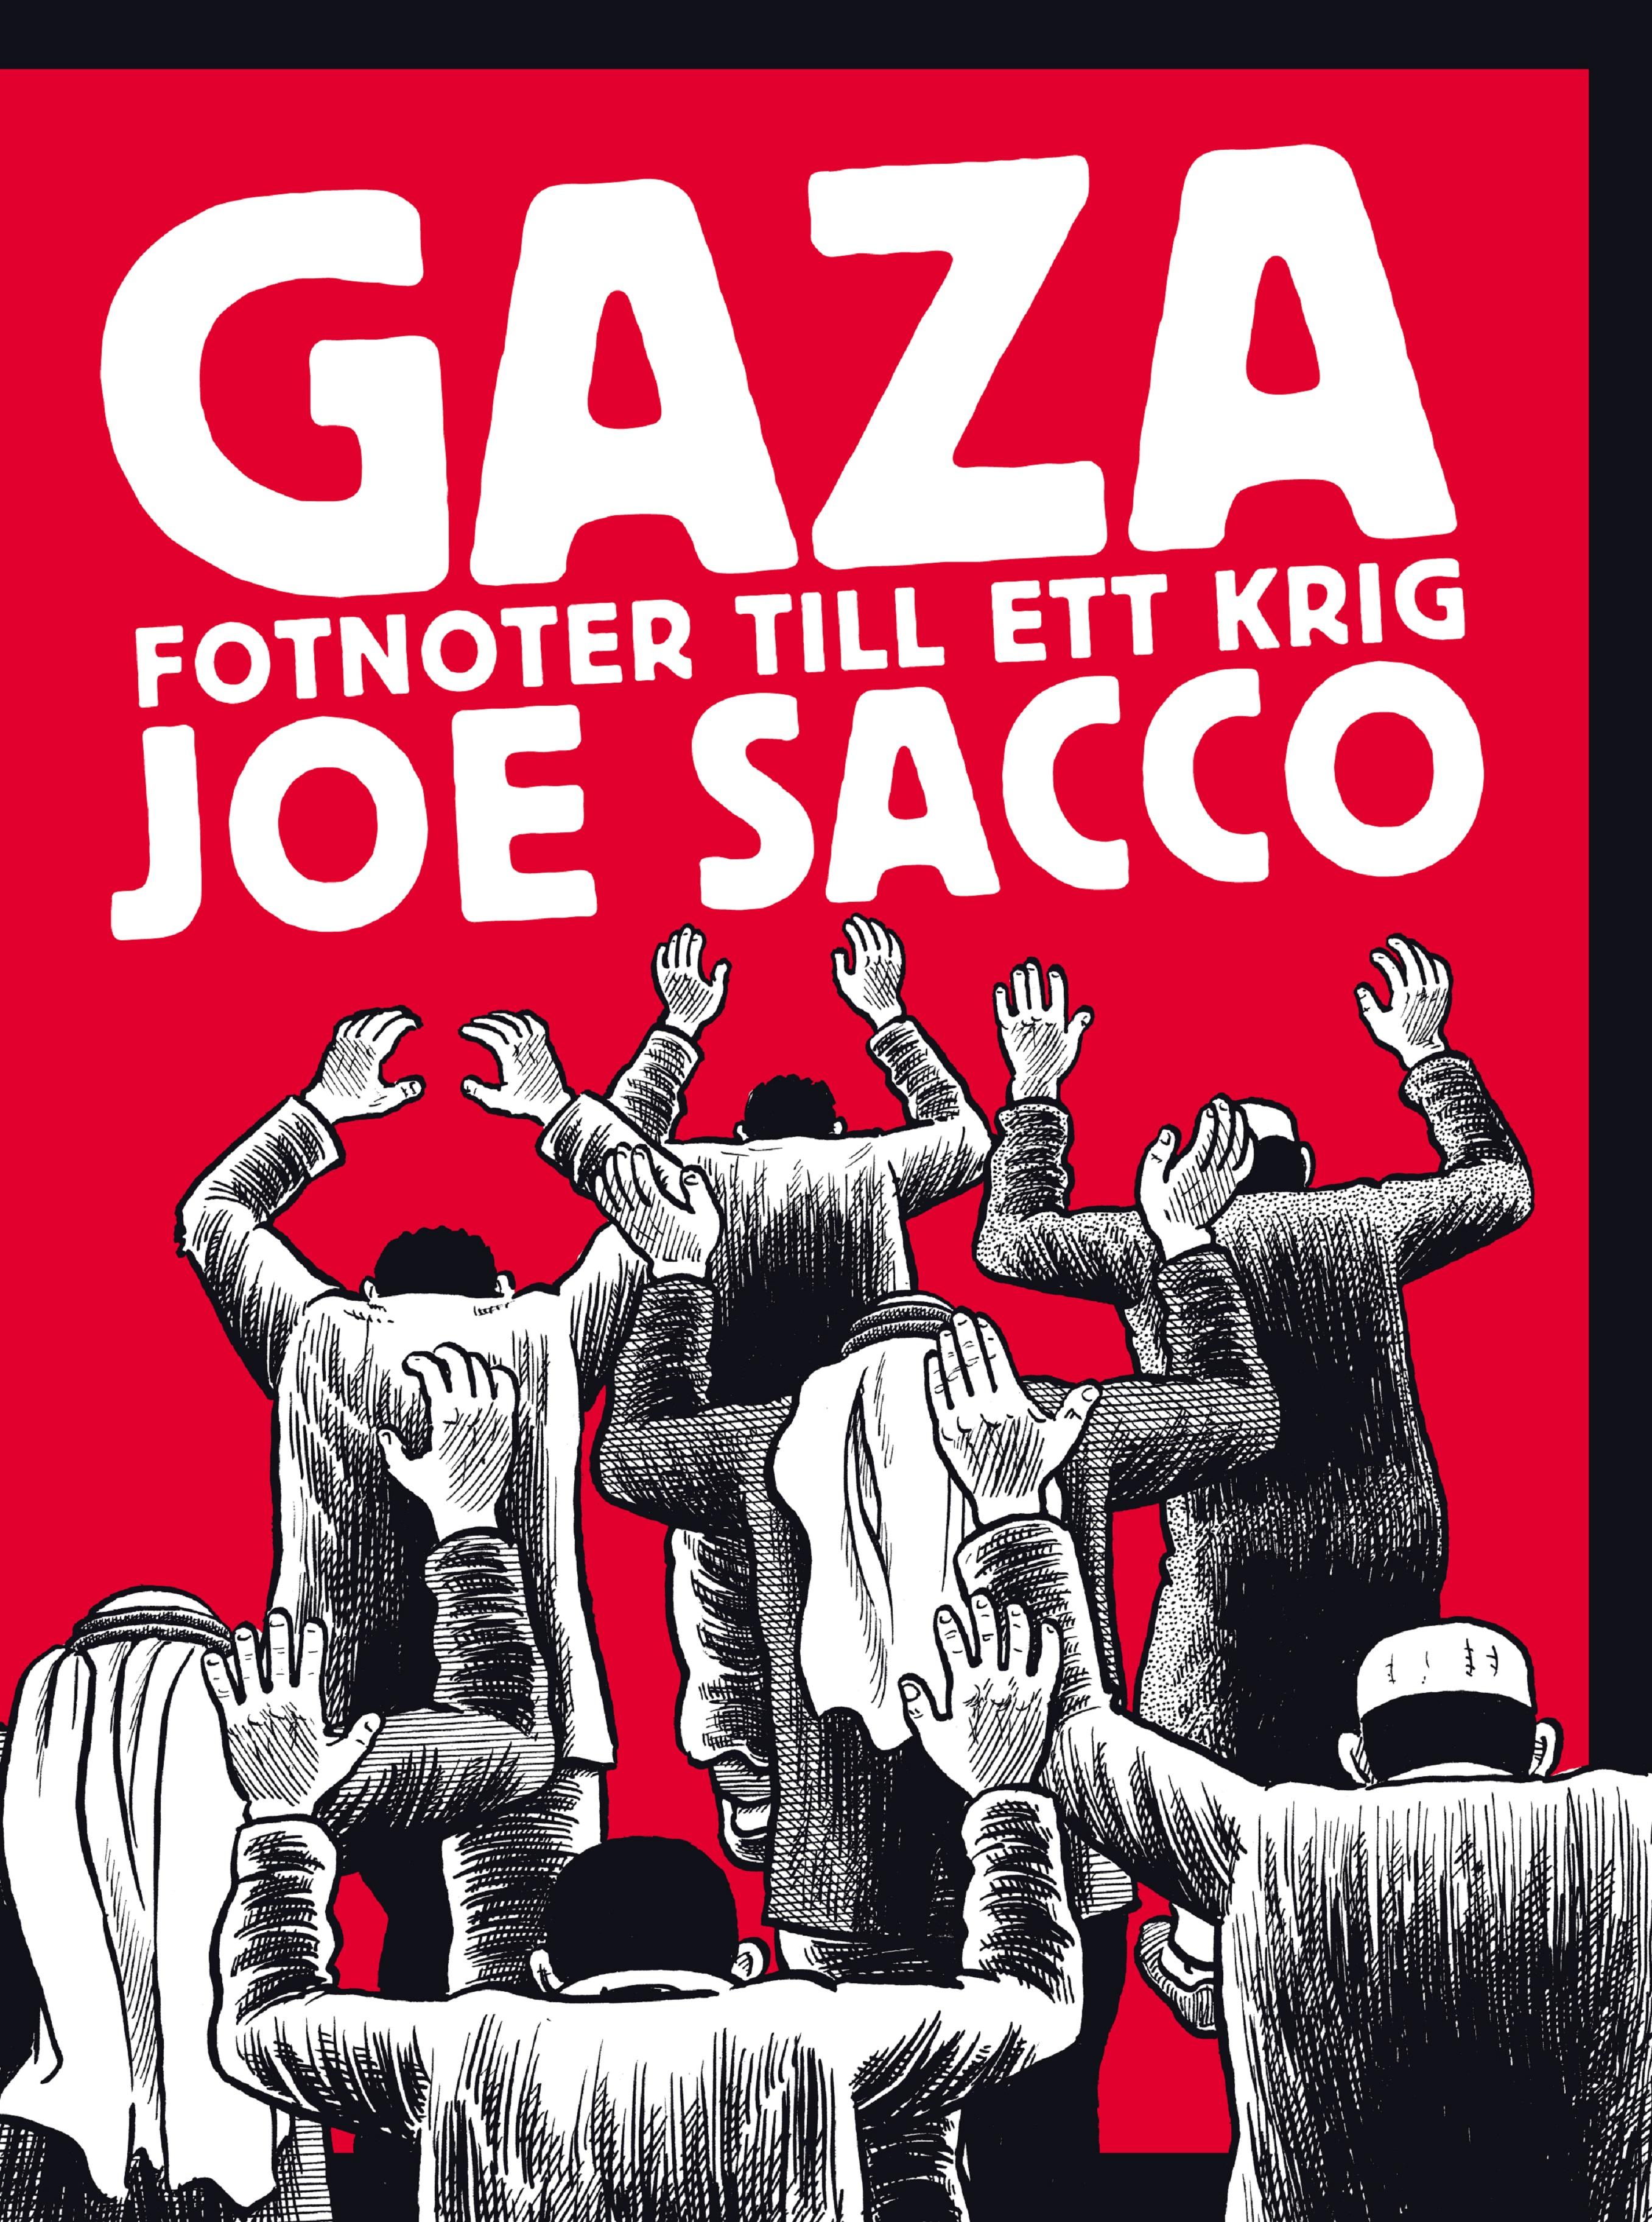 joe-sacco-gaza-fotnoter-till-ett-krig-omslag